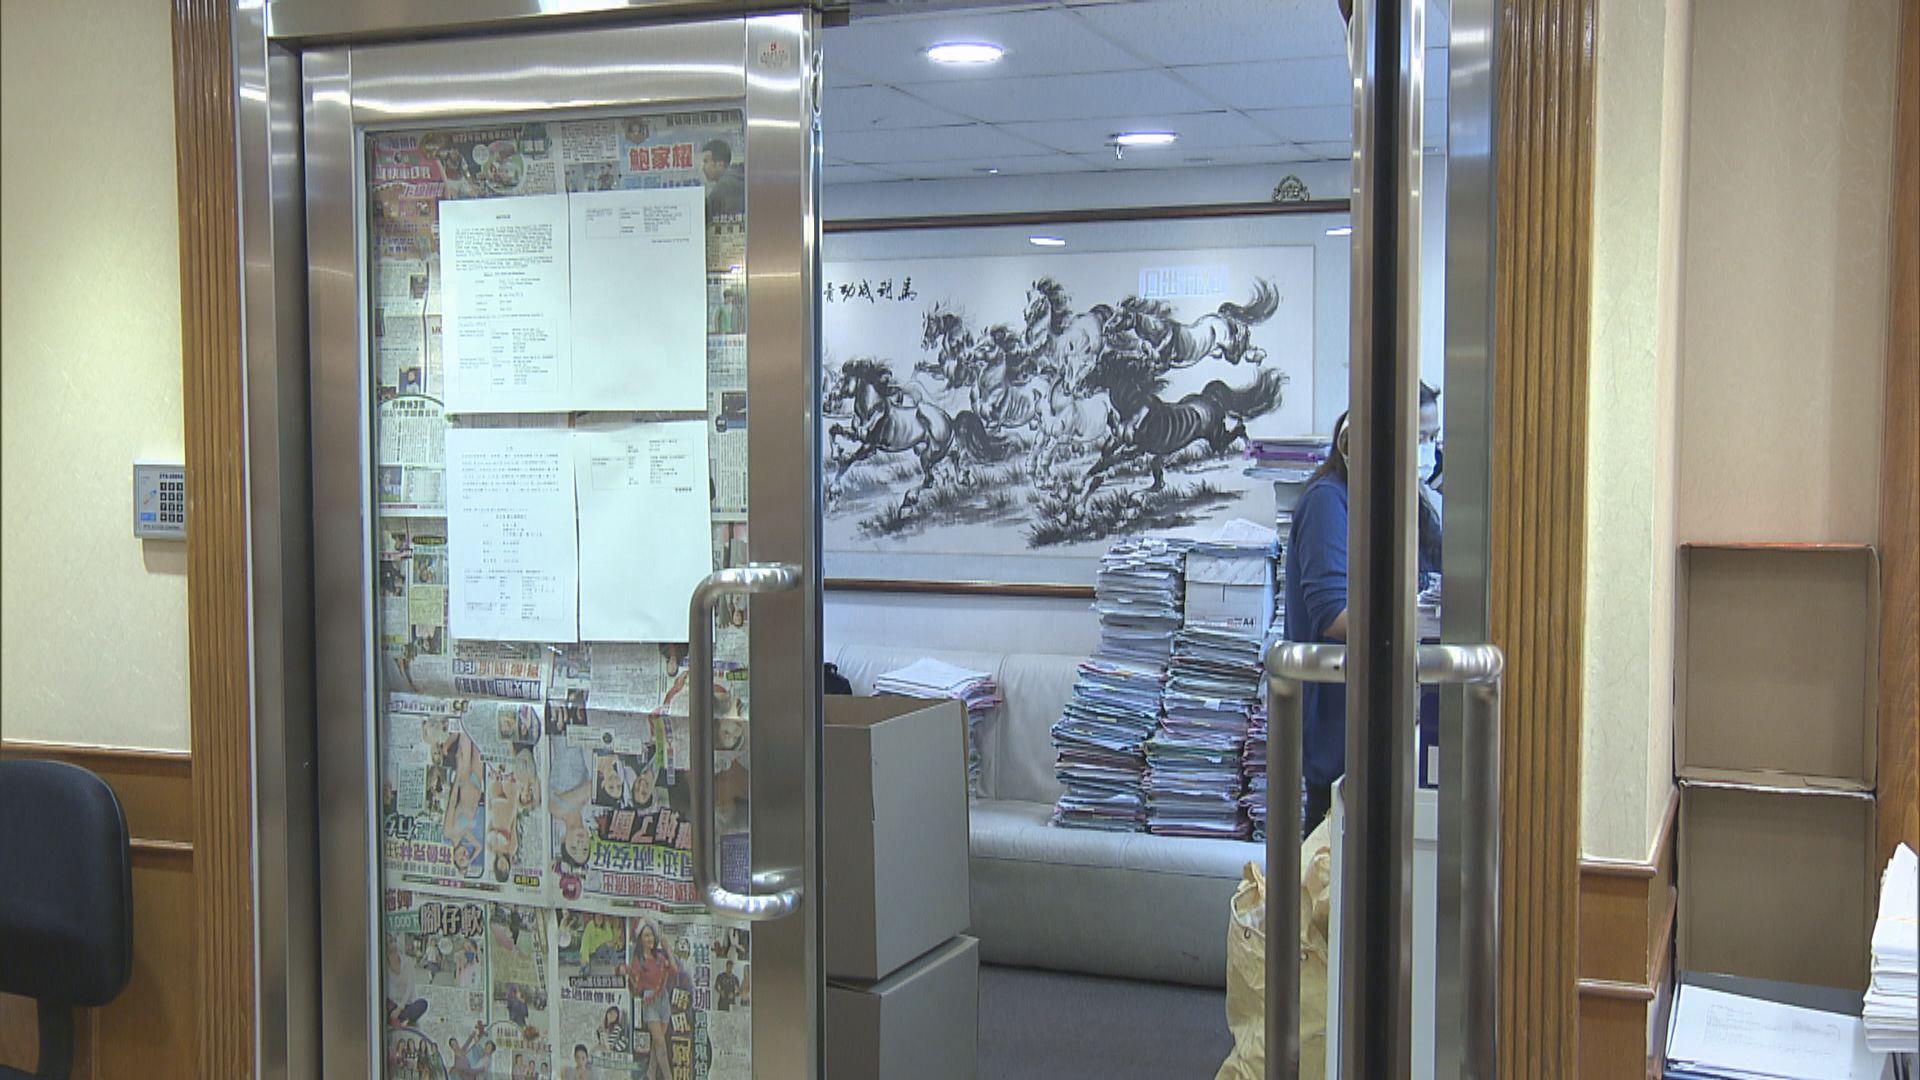 黃馮律師行涉挪用客戶款項 律師會接管並報警